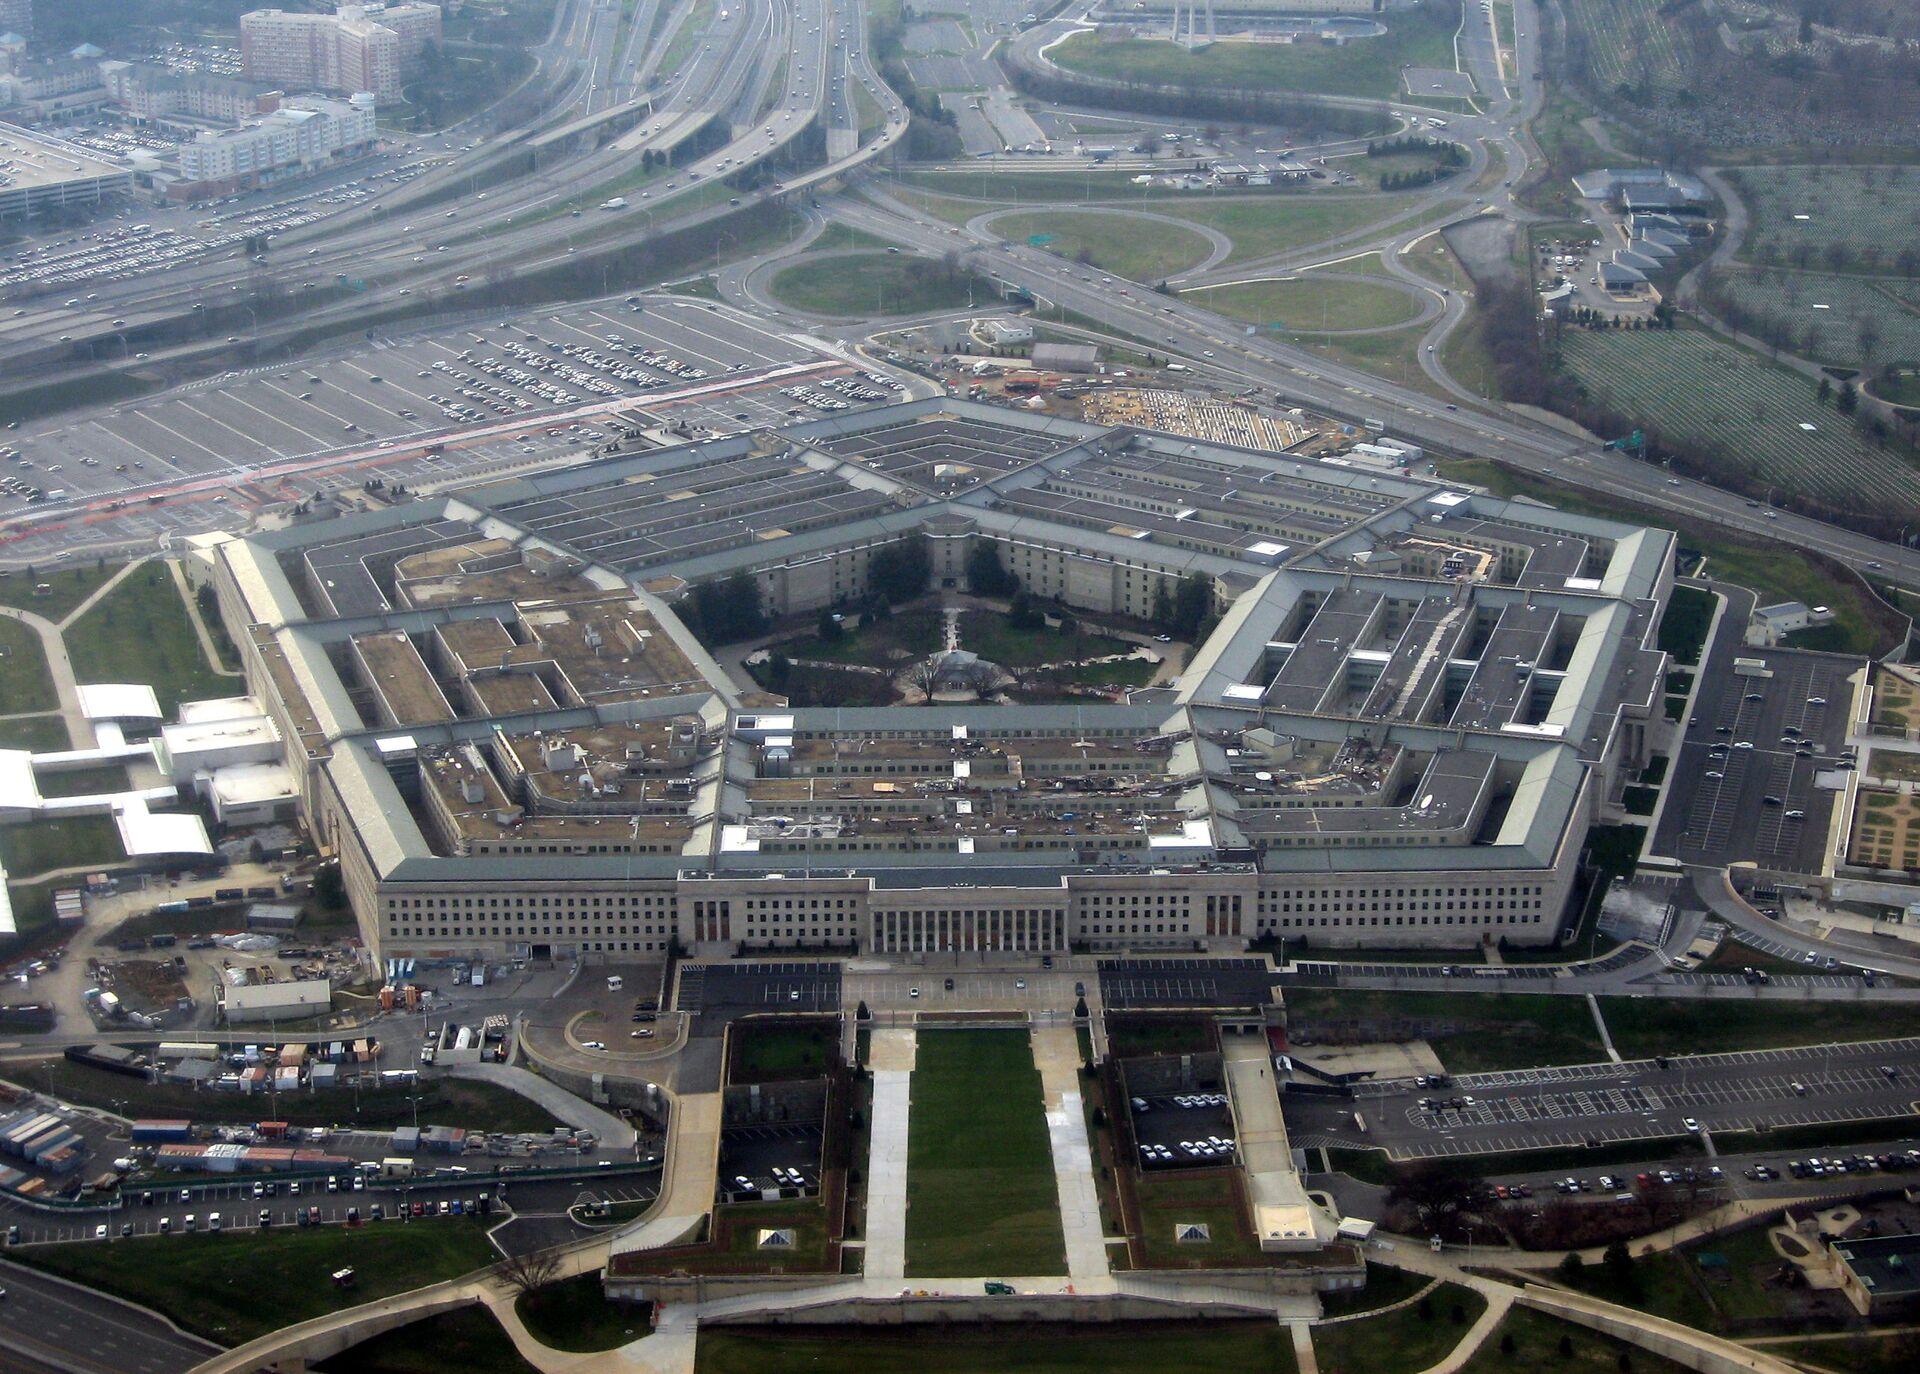 Штаб-квартира Министерства обороны США - РИА Новости, 1920, 11.06.2021